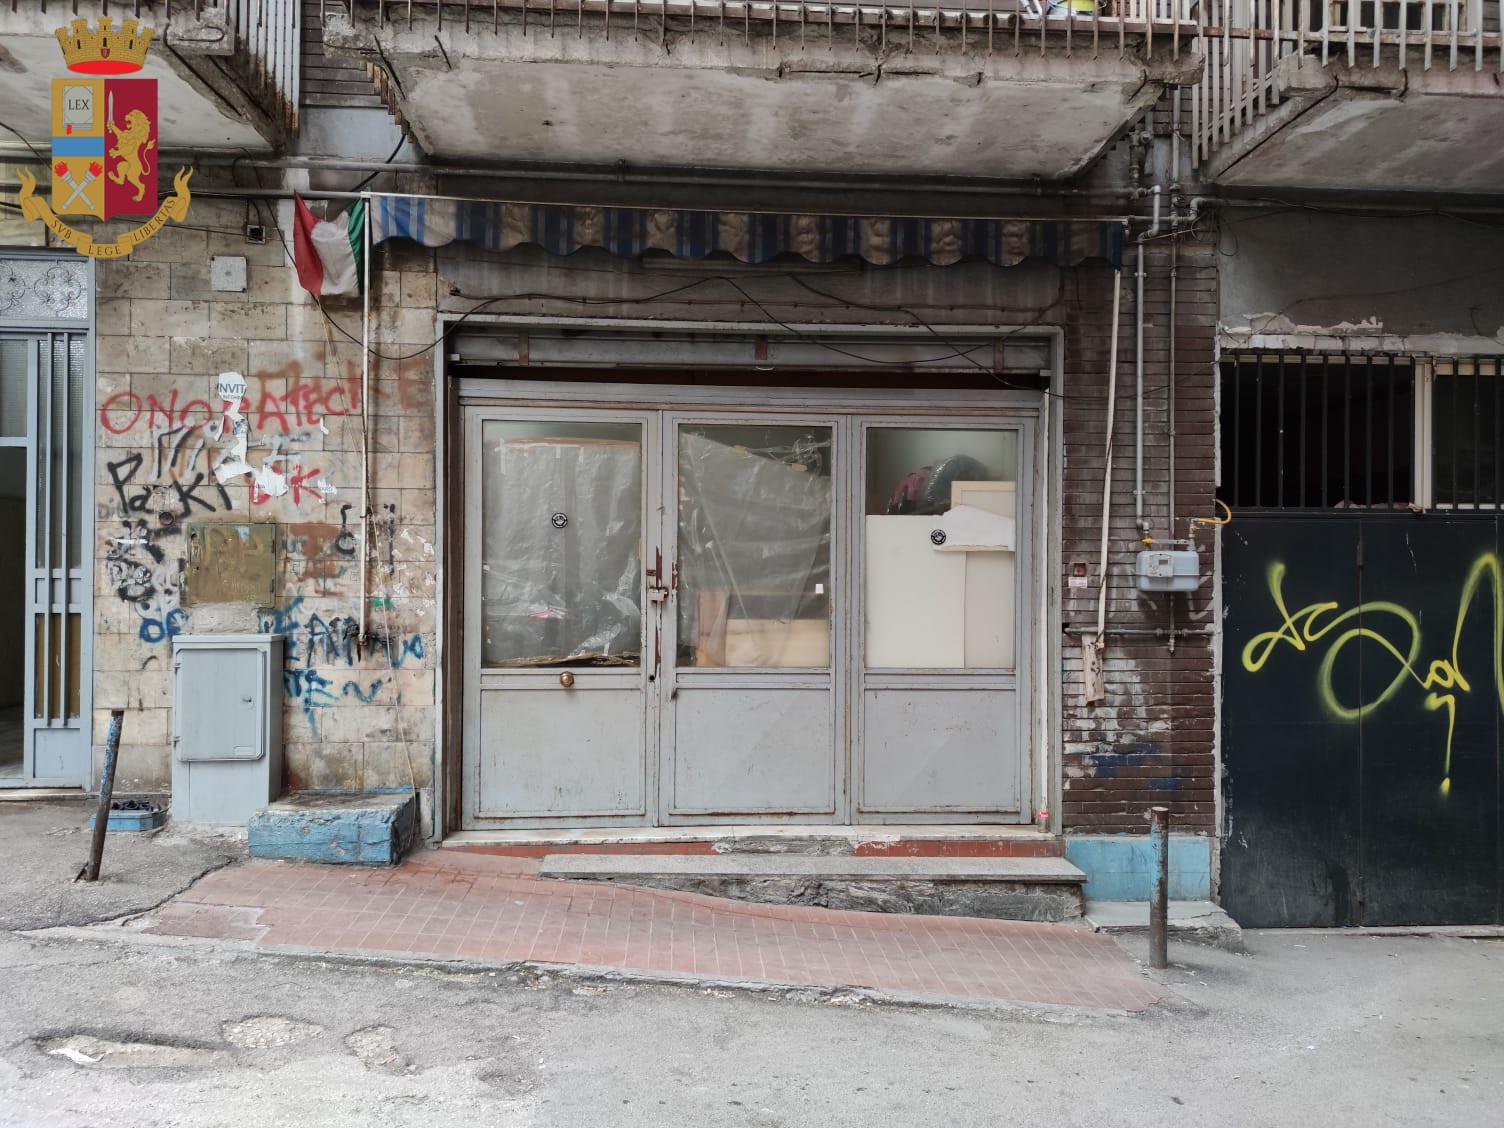 Polizia Di Stato Operazione Mosaico 2 Hub Del Falso Documentale Disarticolato A Napoli Coinvolto Sospetto Favoreggiatore Di Anis Amri